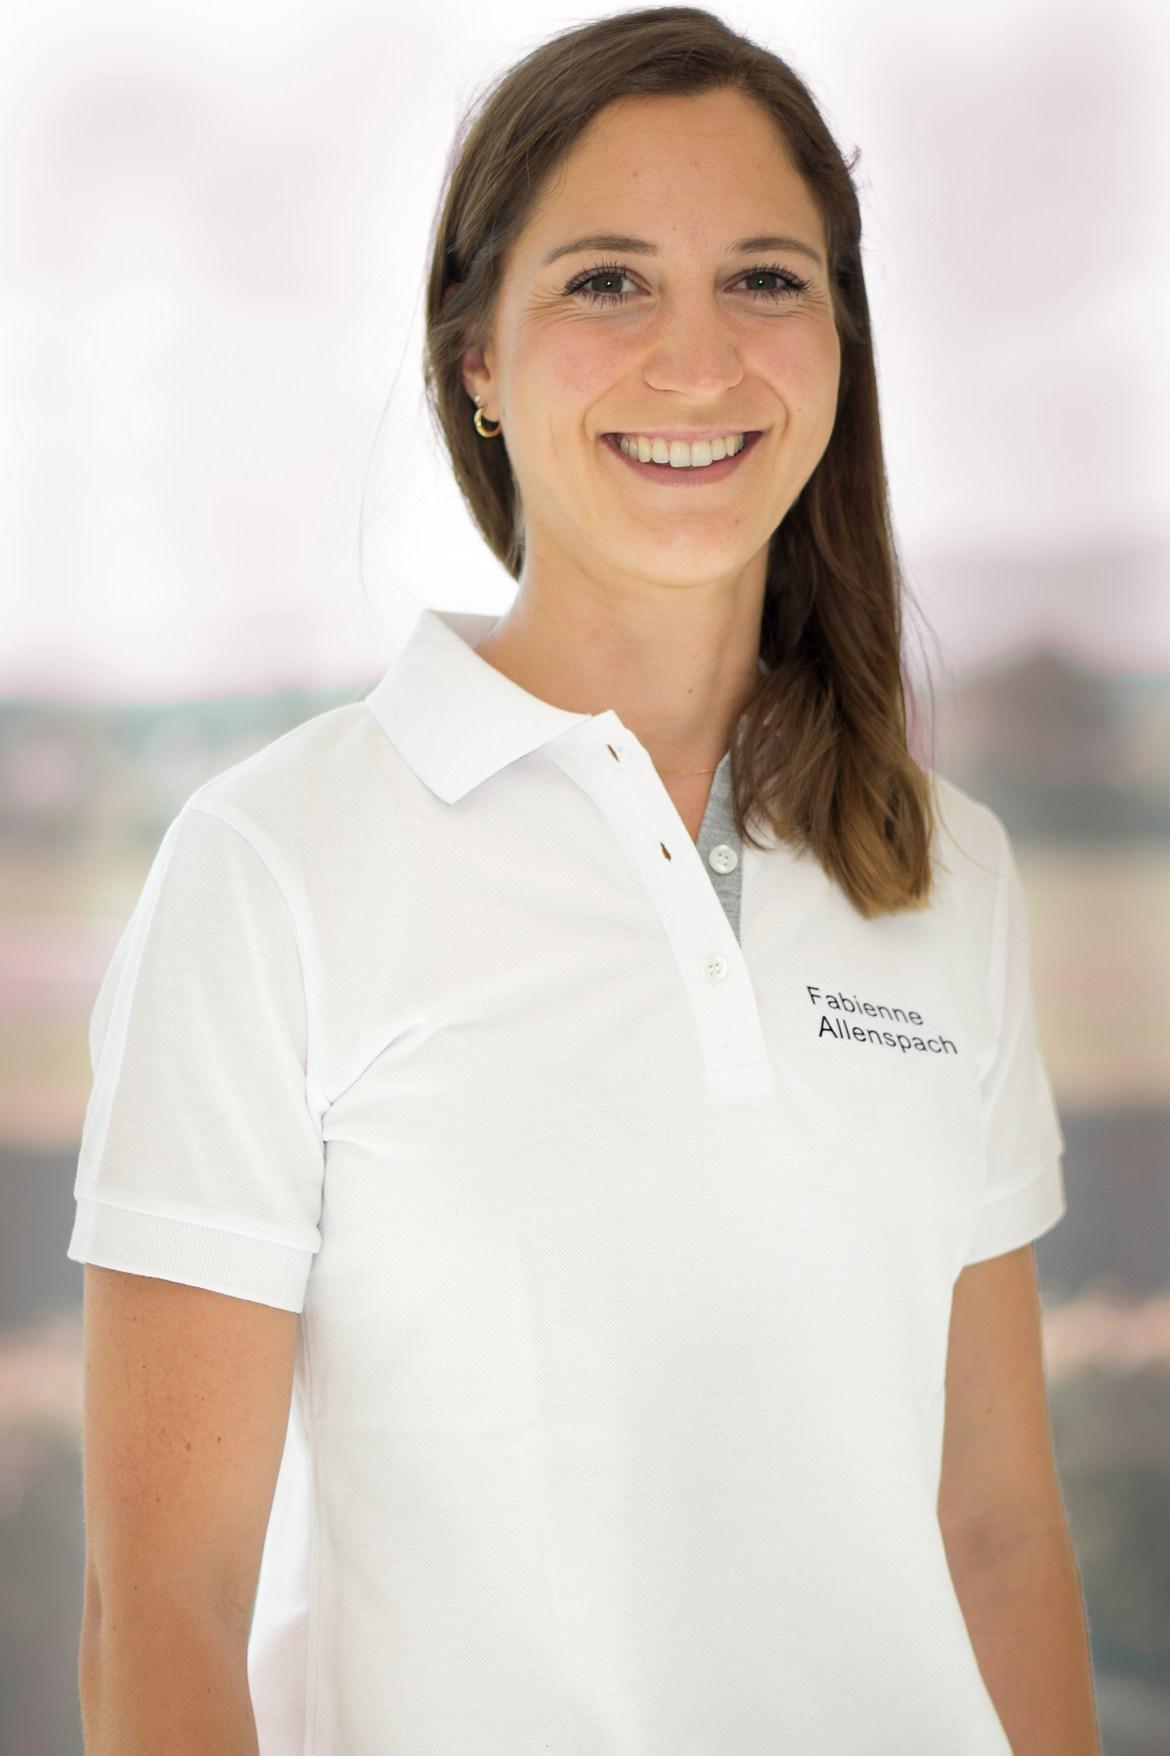 Fabienne Allenspach